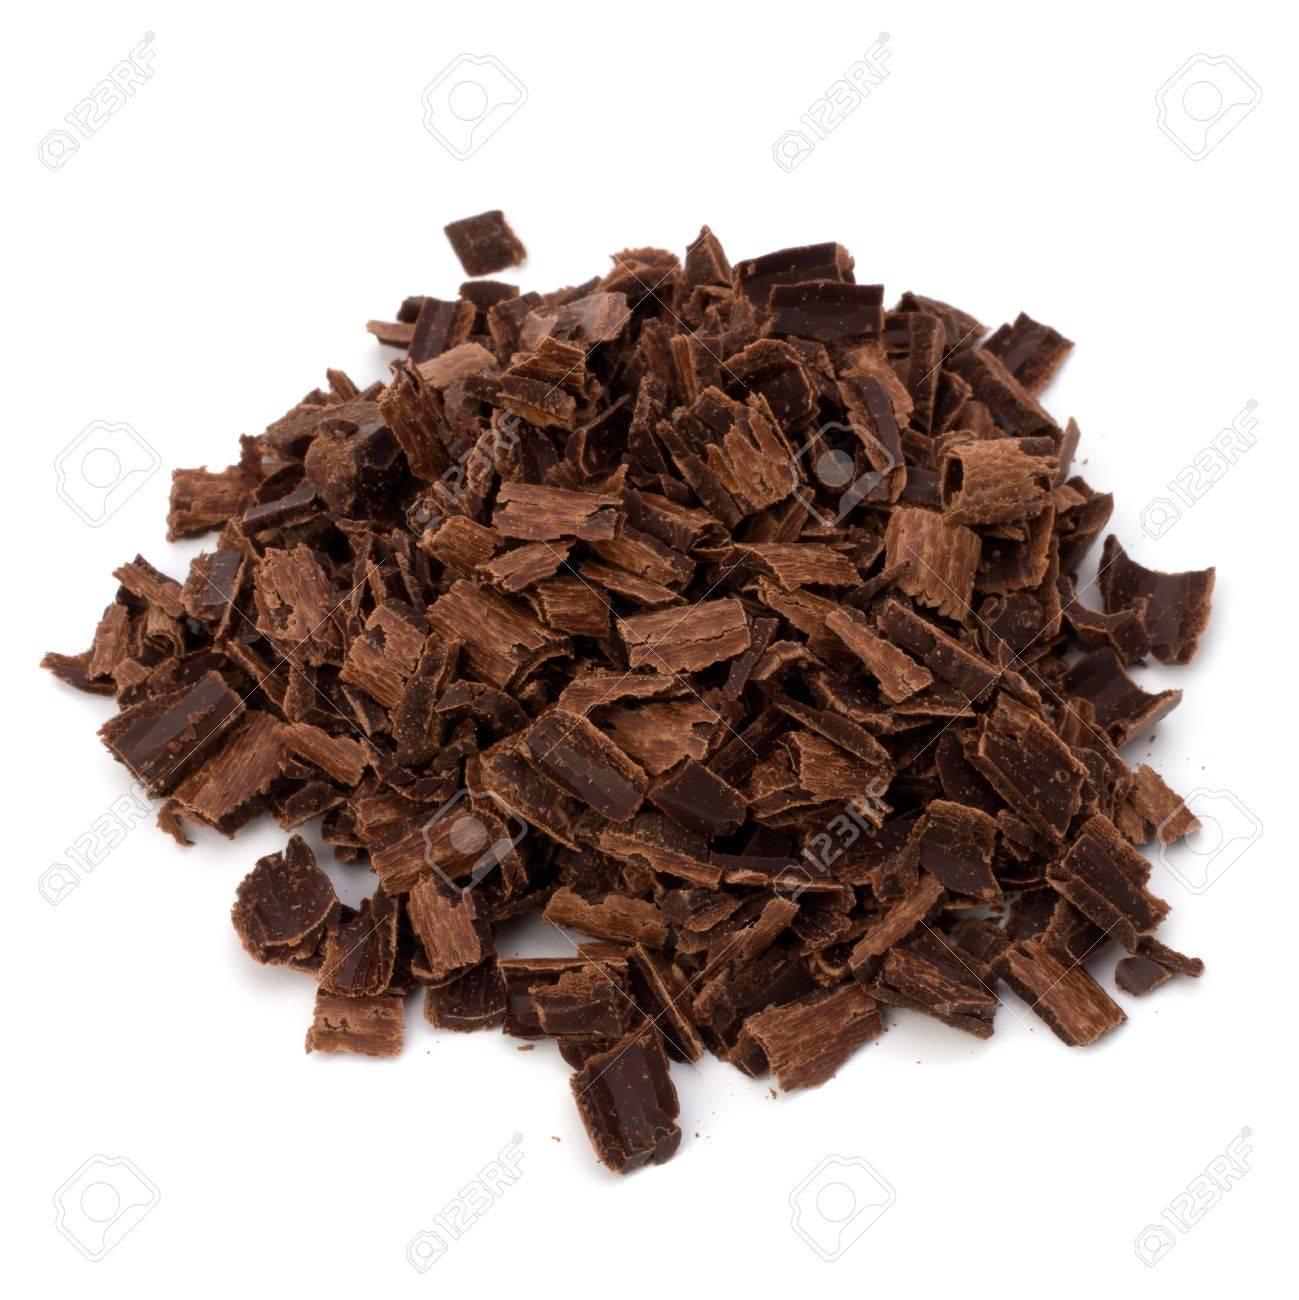 Crushed chocolate shavings pile isolated on white background Stock Photo - 9815987